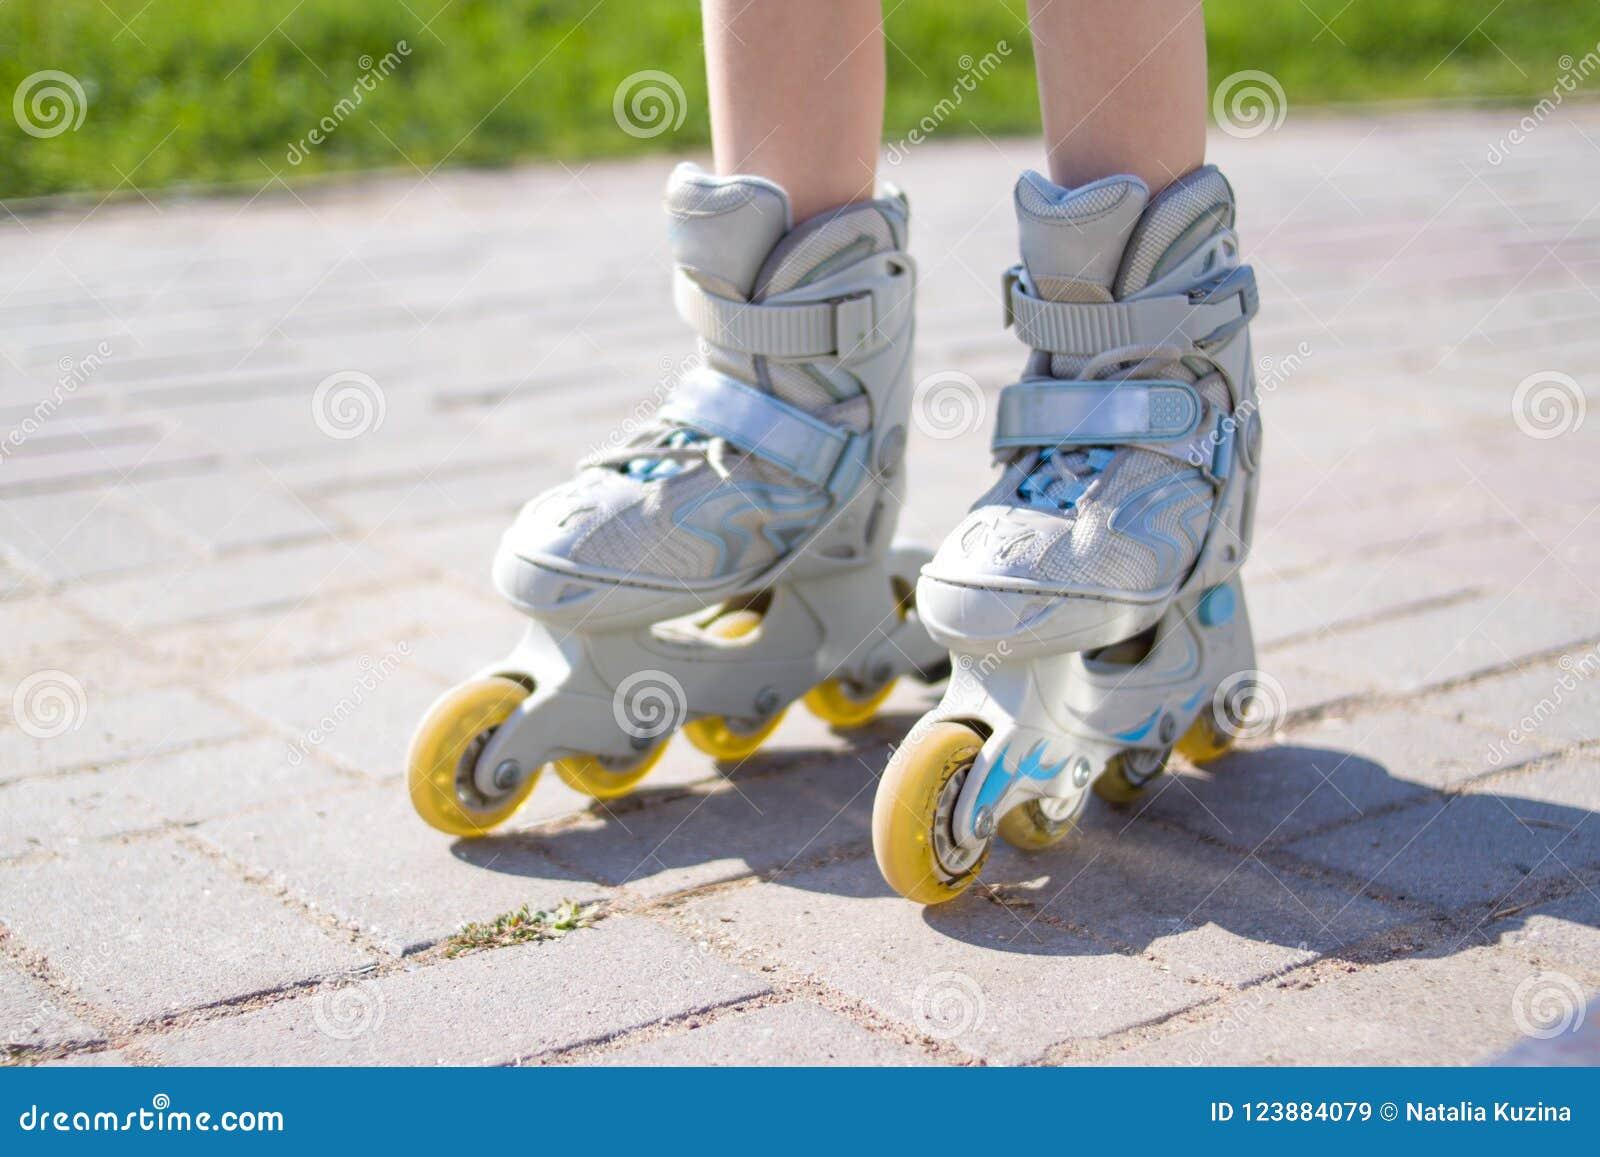 Caçoa os pés em patins de rolo - lazer, infância, jogos exteriores e conceito do esporte